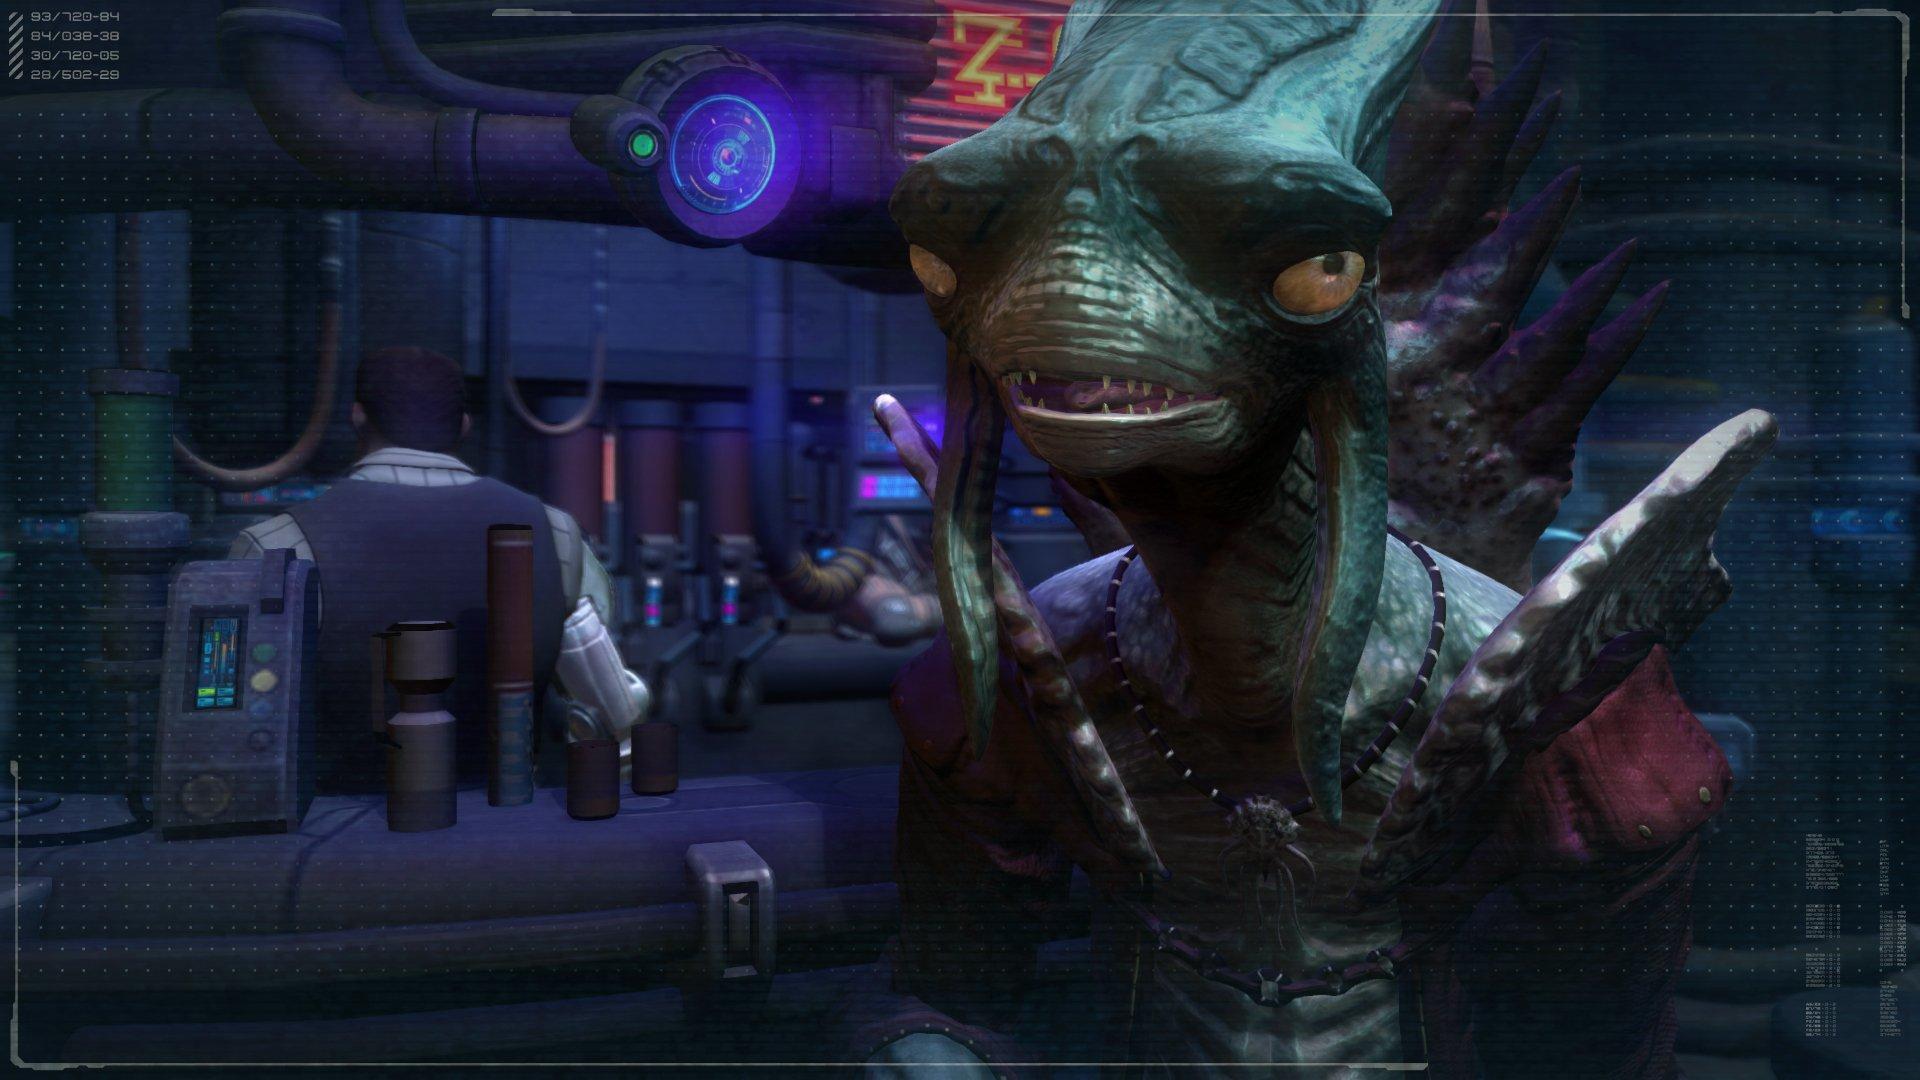 В поисках хорошего космосима. Обзор Rebel Galaxy. - Изображение 2